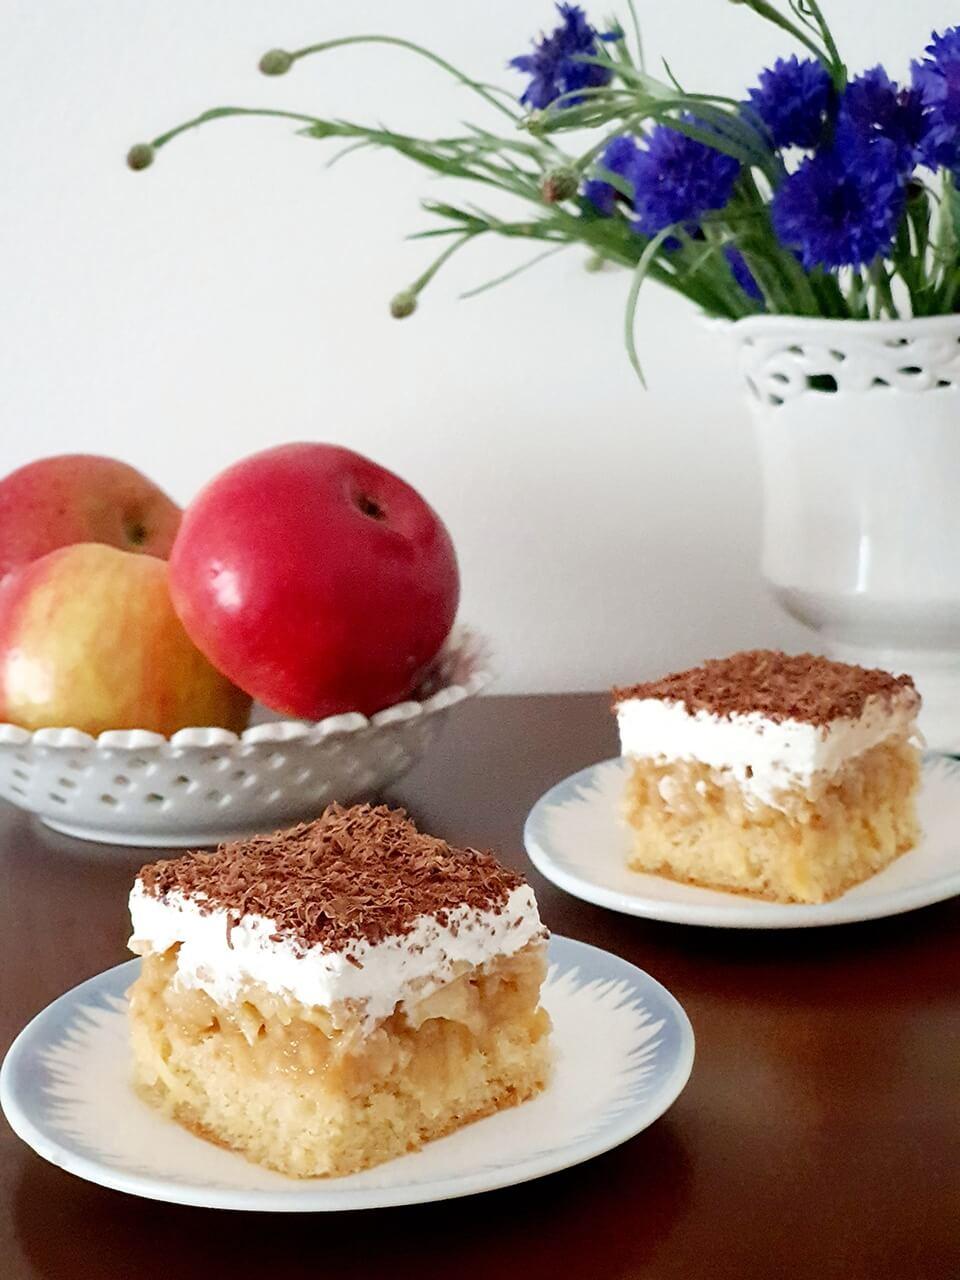 Evičkin jablkový koláčik